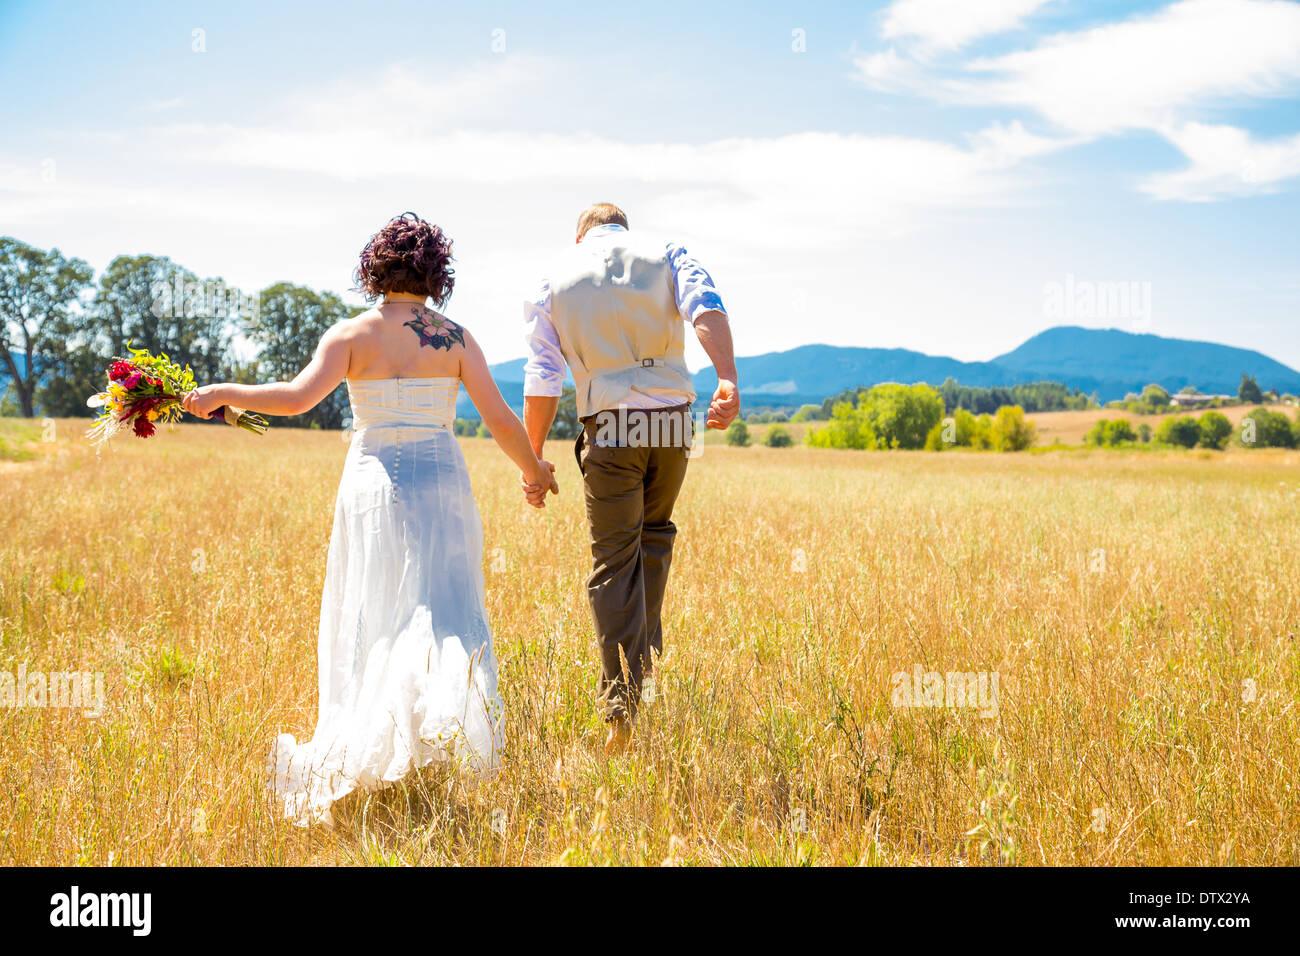 Mariée et le marié à marcher ensemble le jour de leur mariage à travers un champ dans l'Oregon. Photo Stock